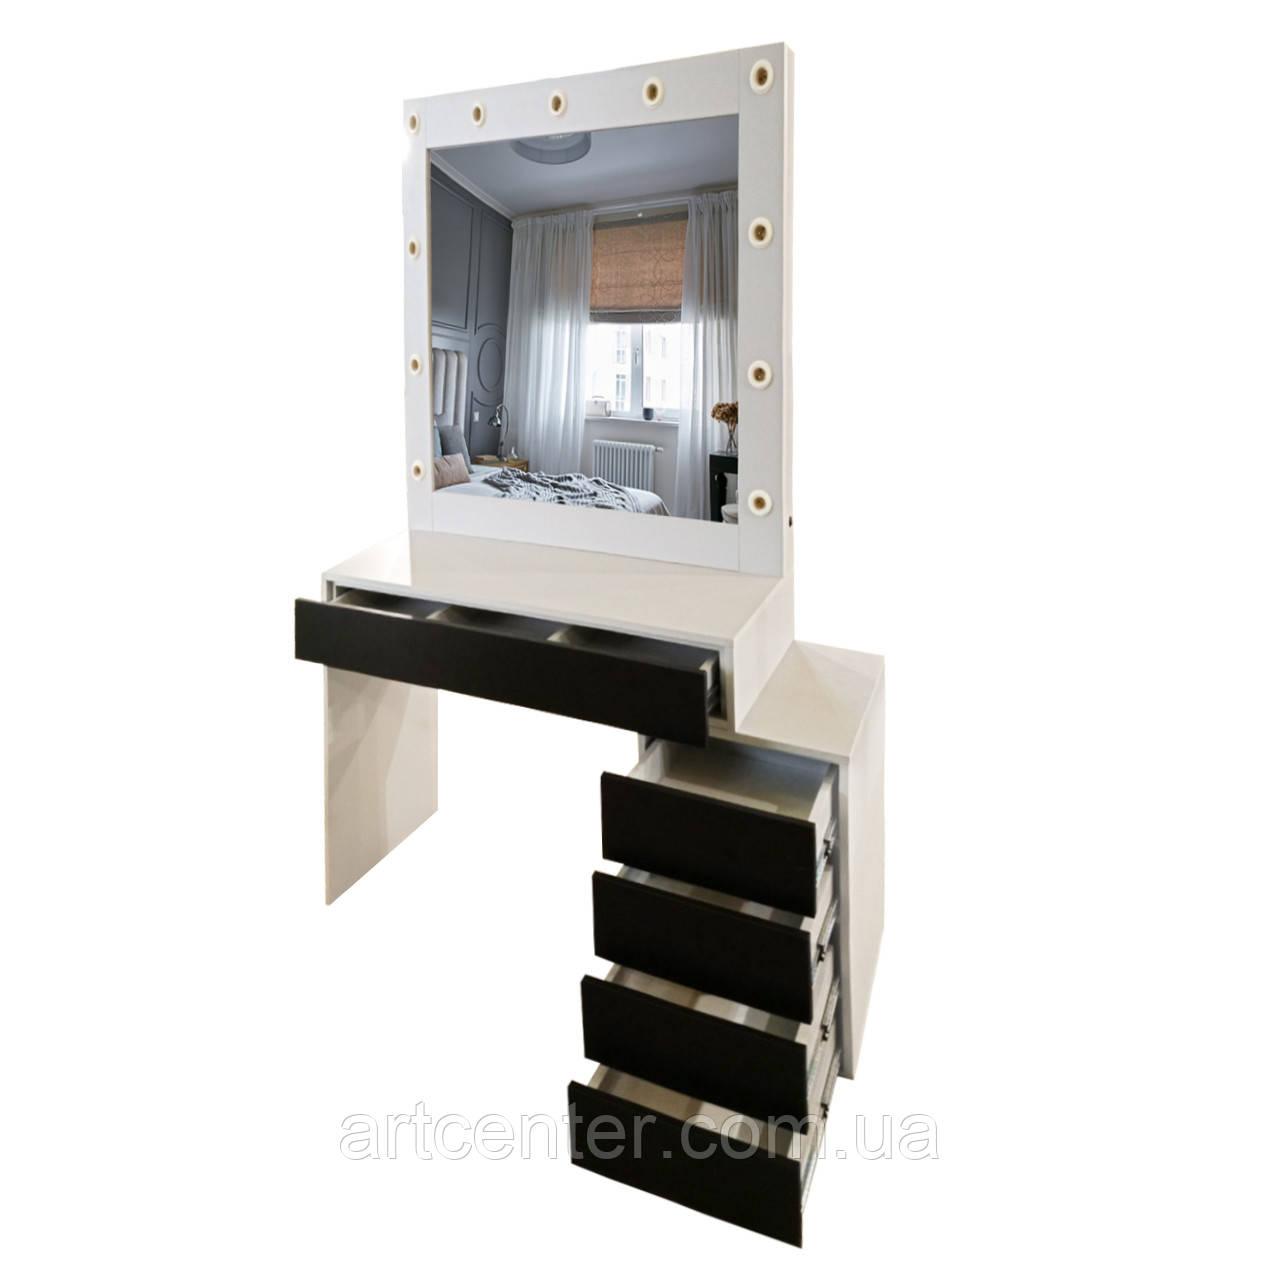 Гримерный стол с тумбой и выдвижными ящиками, стол для макияжа с зеркалом, стол визажиста